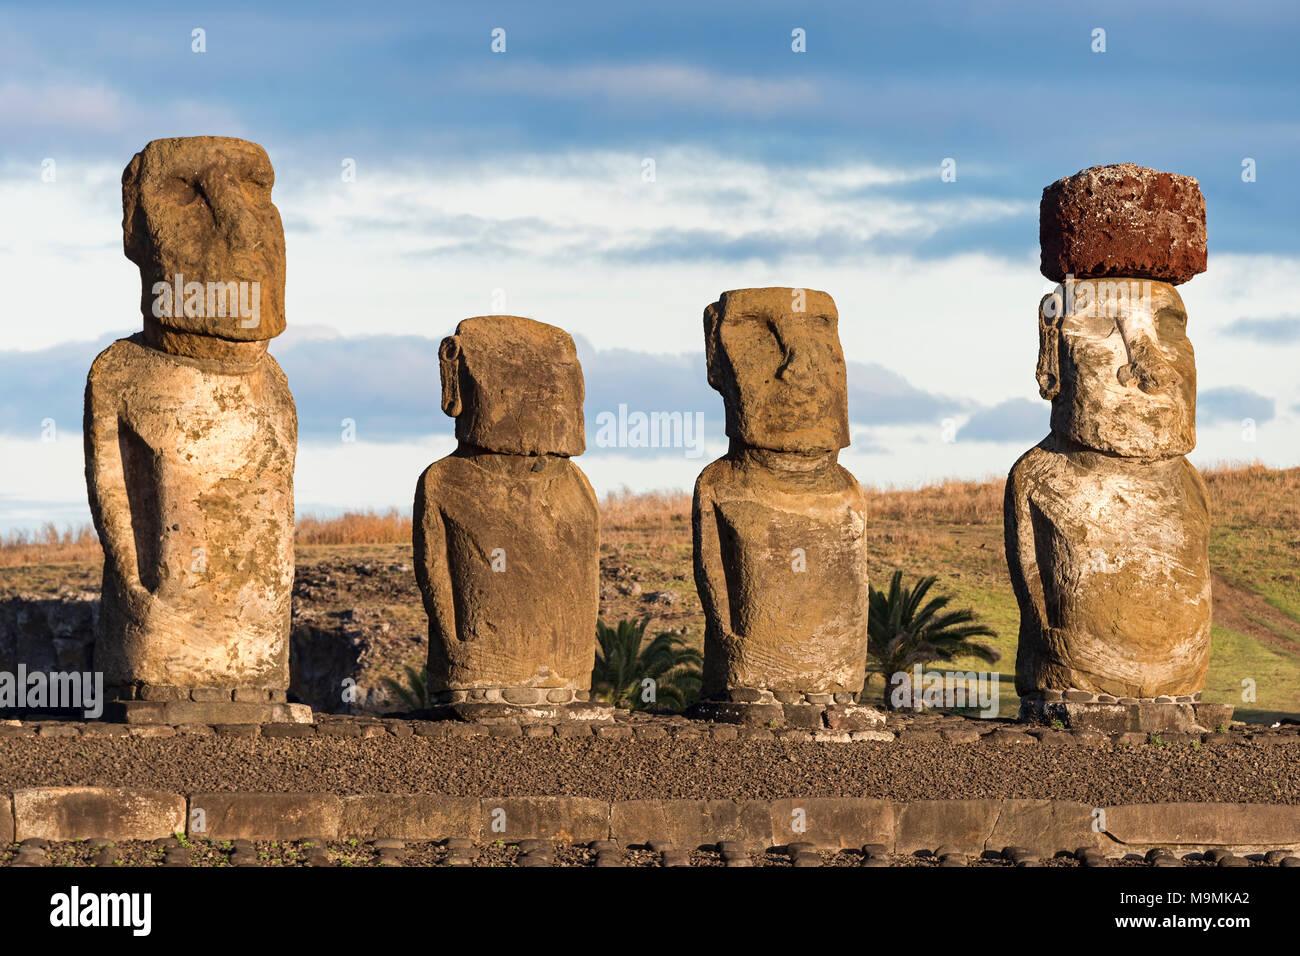 Figures de pierre, groupe de Moais, Ahu Tongariki, île de Pâques, Chili Banque D'Images